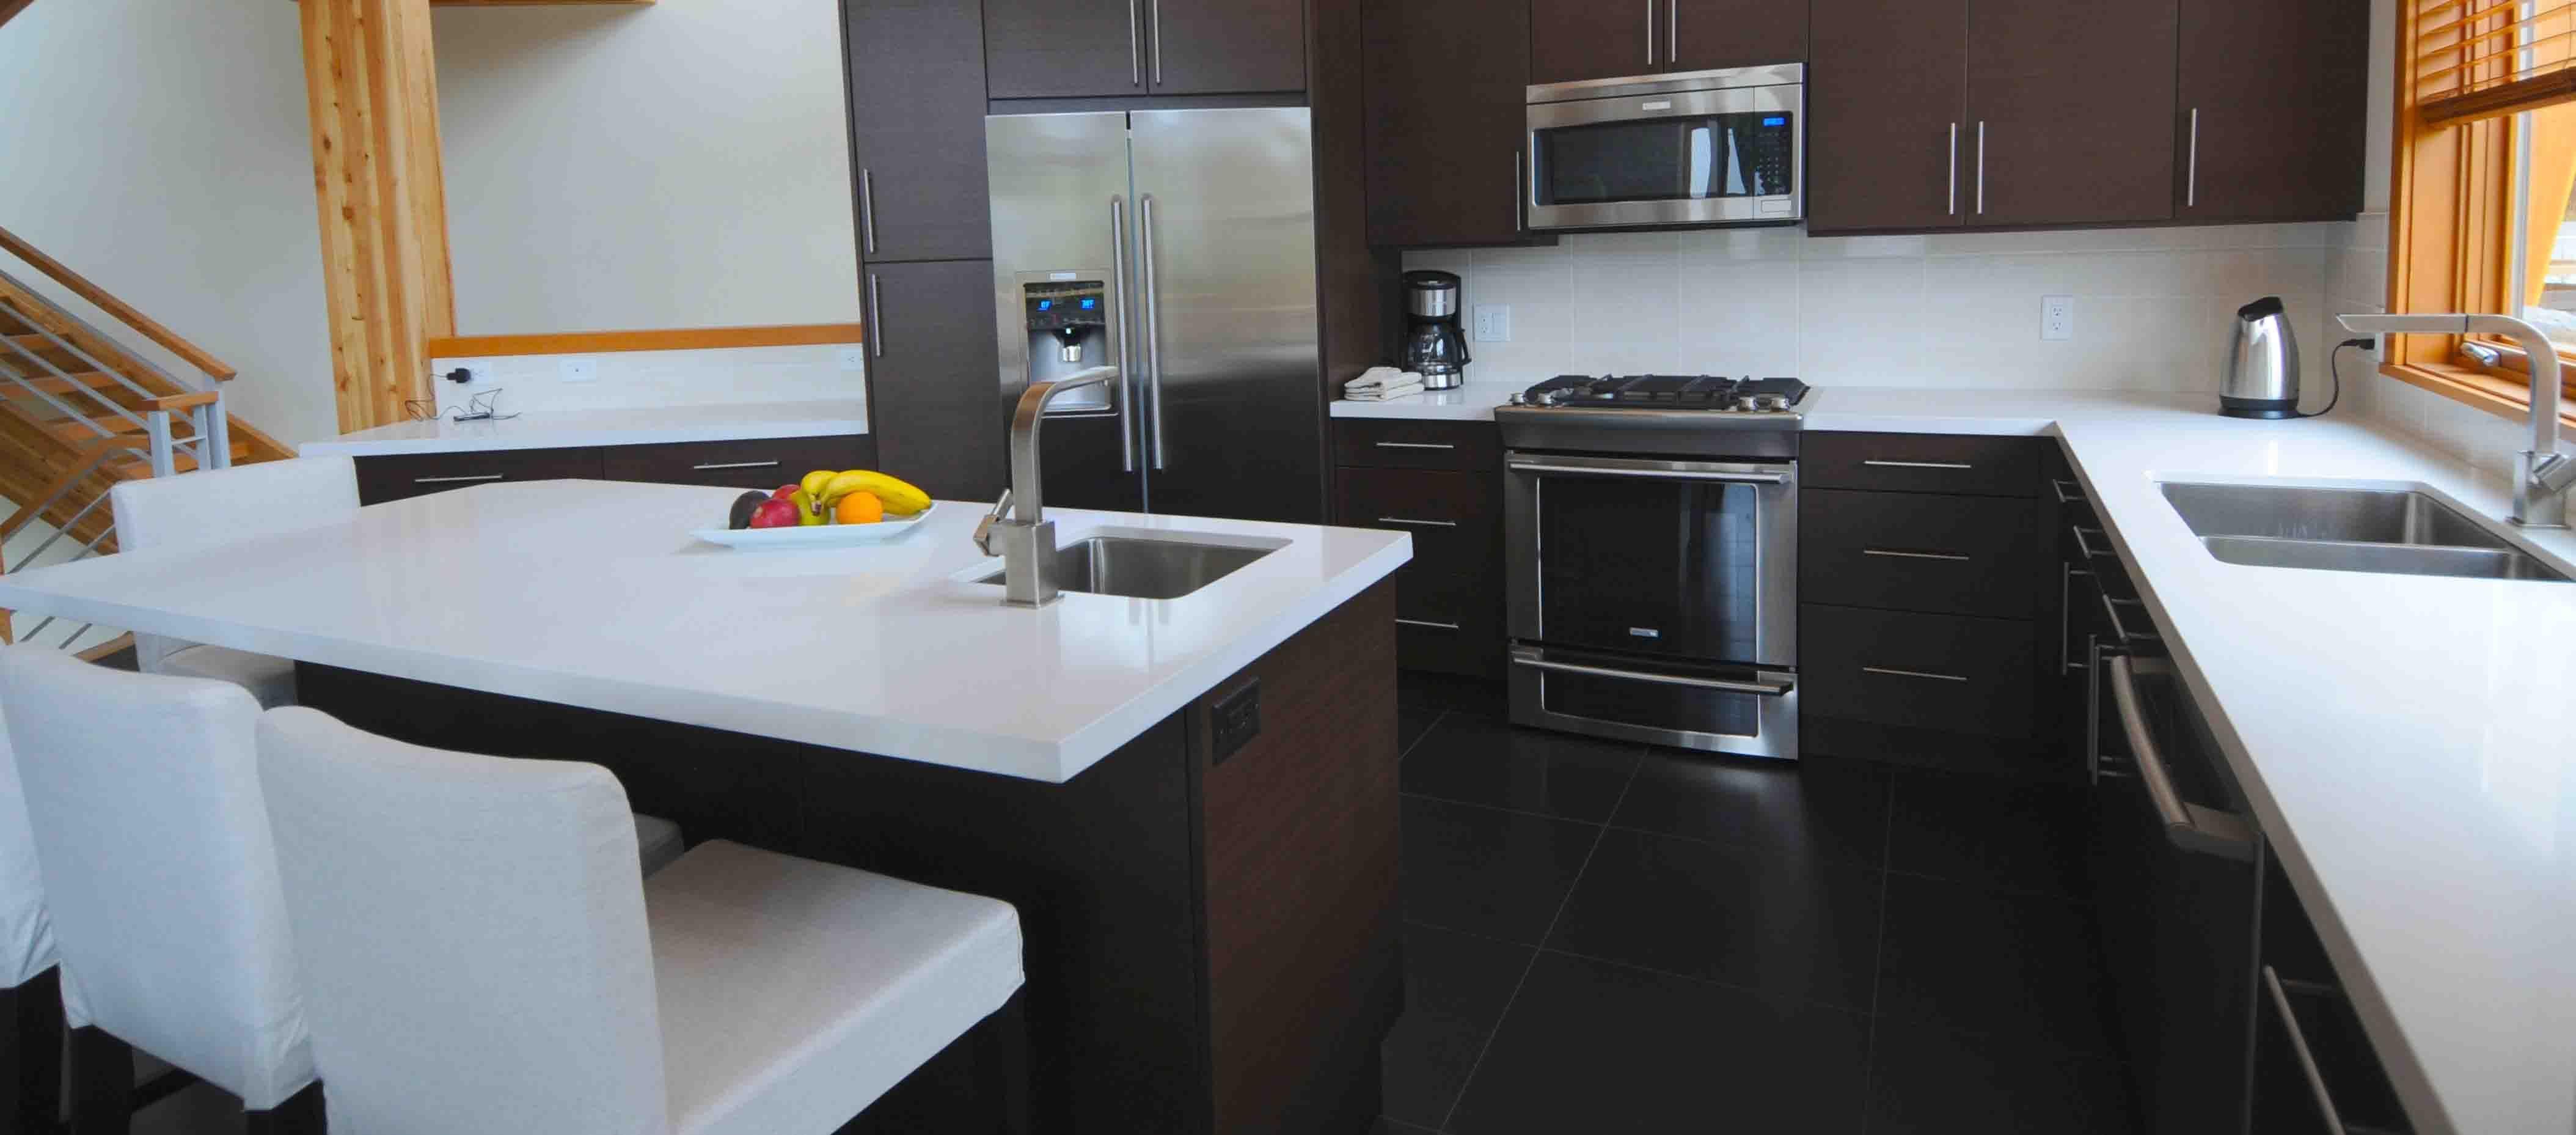 Quarz-küchendesign weiß quarz küchenarbeitsplatten  die anderen punkte zu